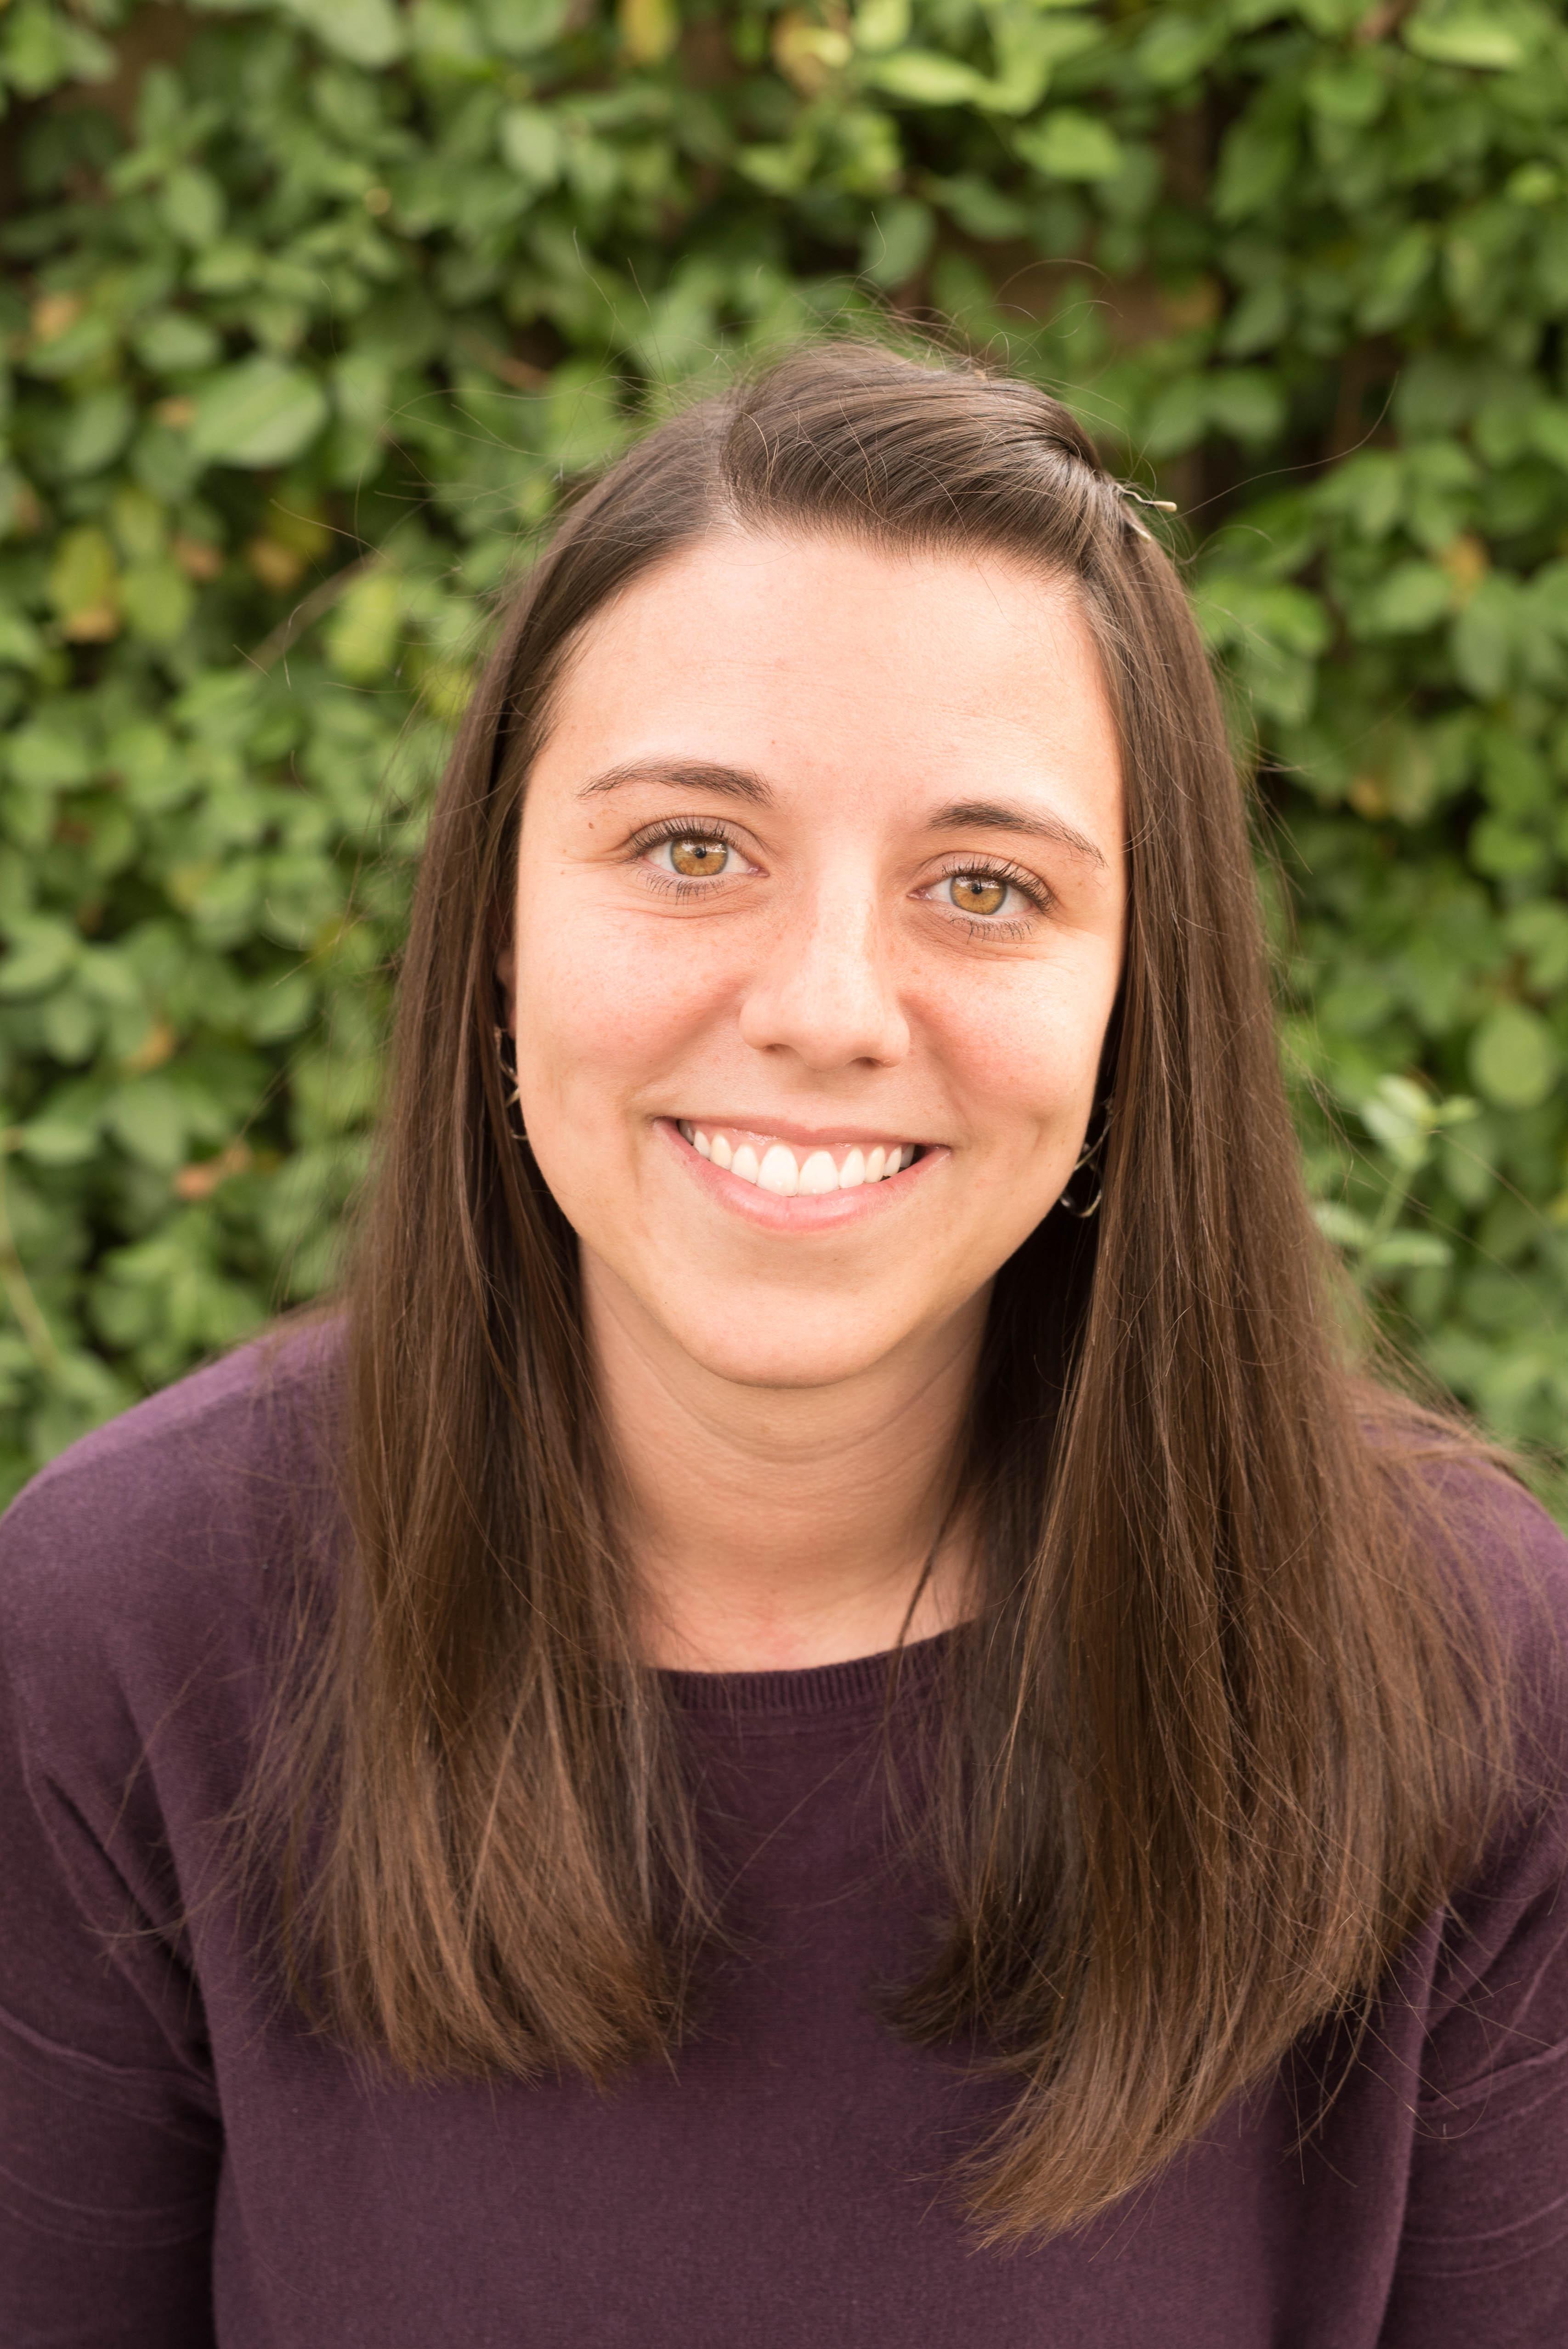 Kaleigh Calisto, MA, CCC-SLP, LSLS Cert. AVT